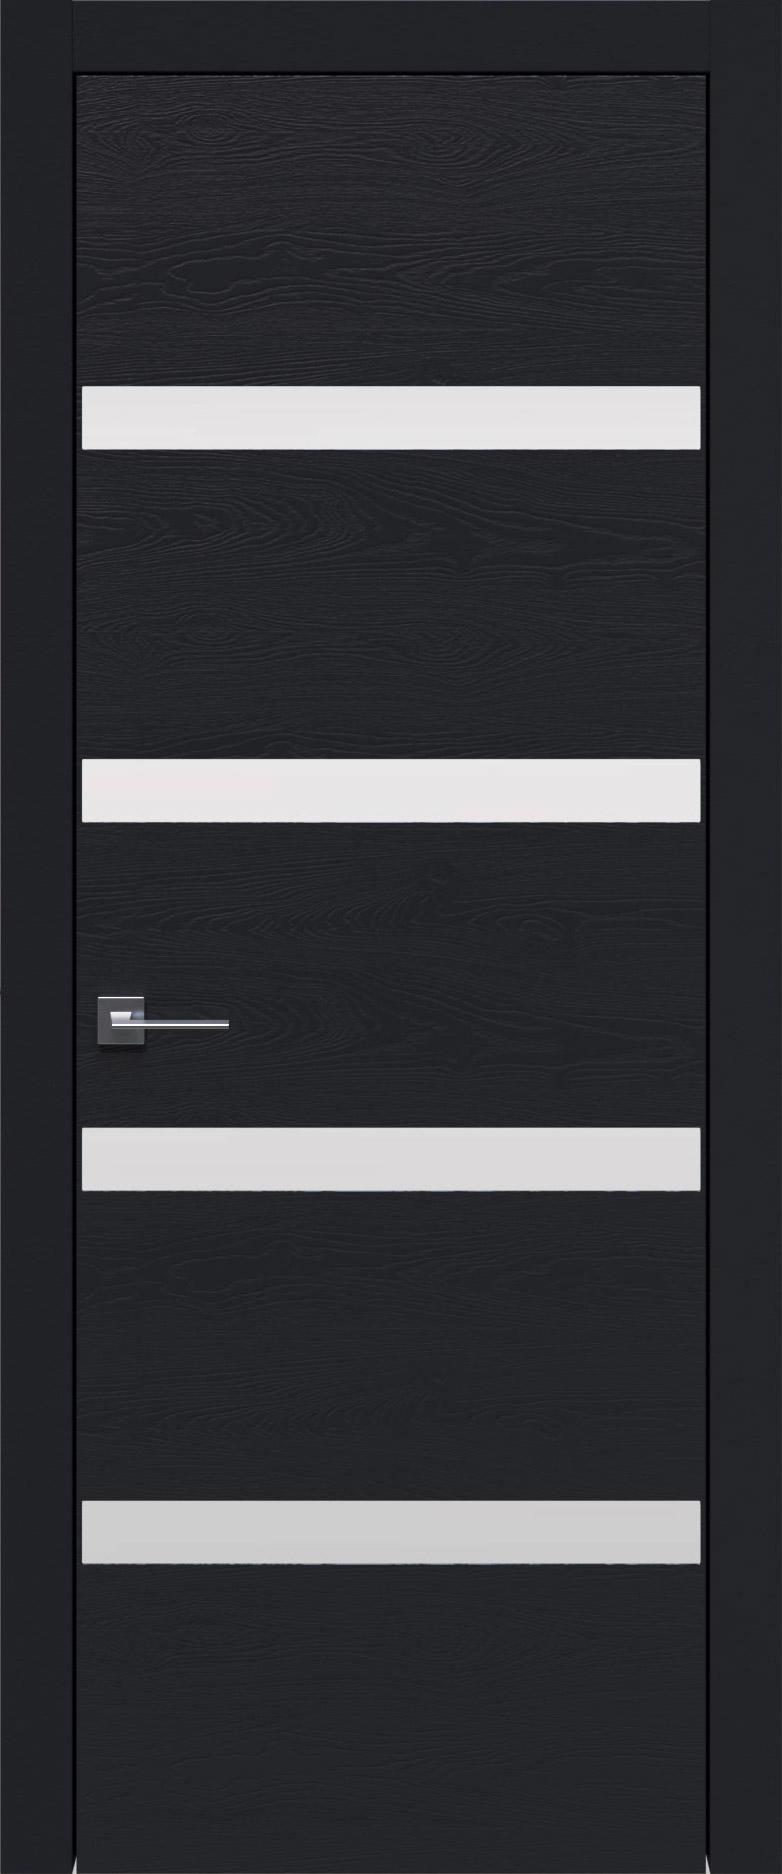 Tivoli Д-4 цвет - Черная эмаль по шпону (RAL 9004) Без стекла (ДГ)